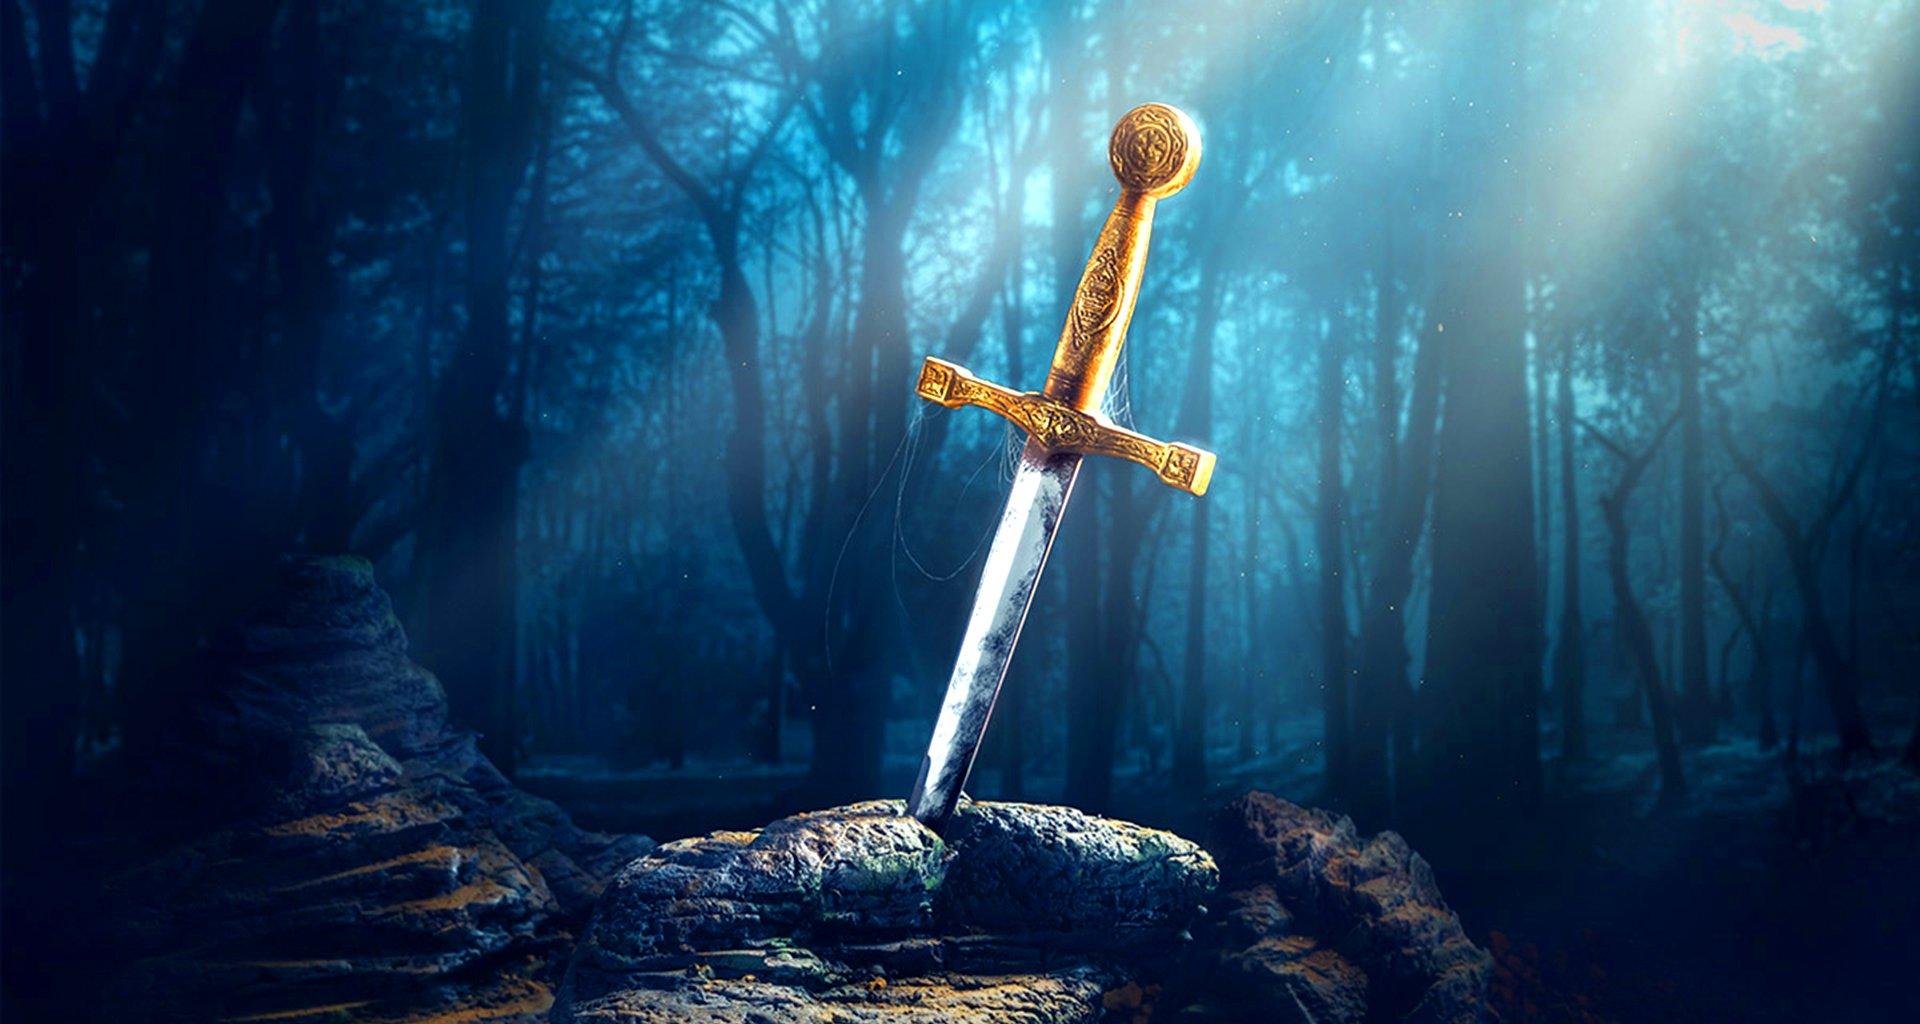 отнесемся меч в камень фото ссрѕ